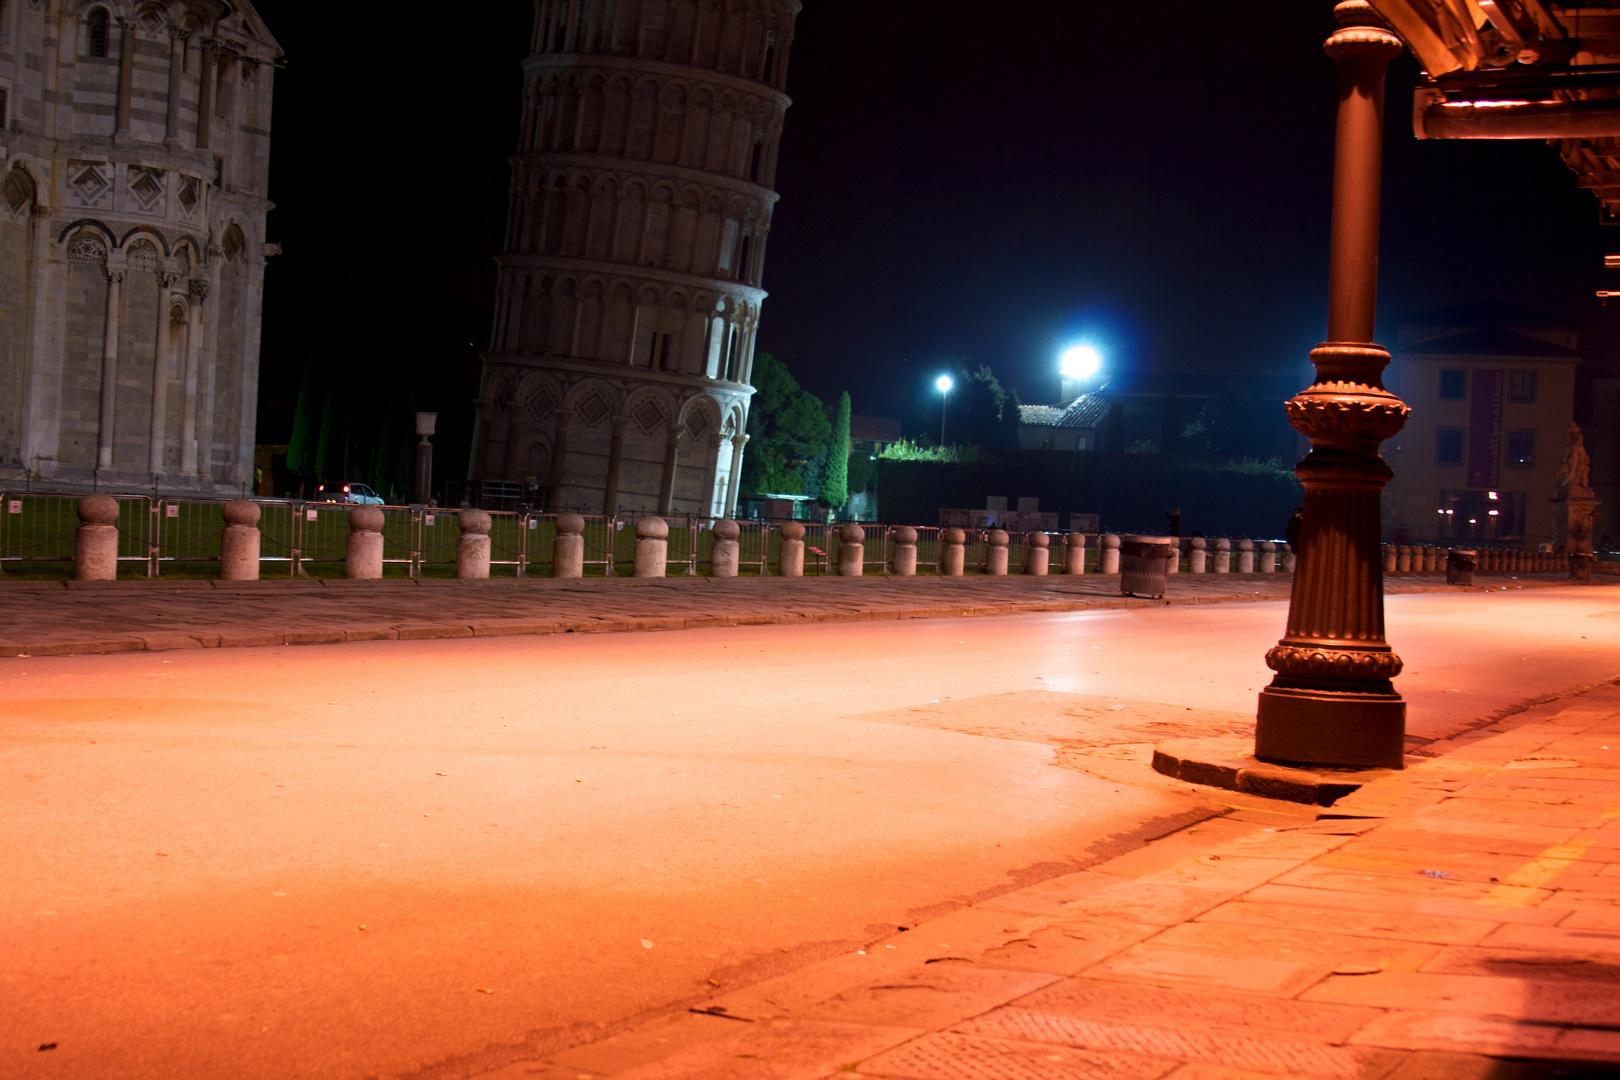 Pisa, finalmente tranquilla...